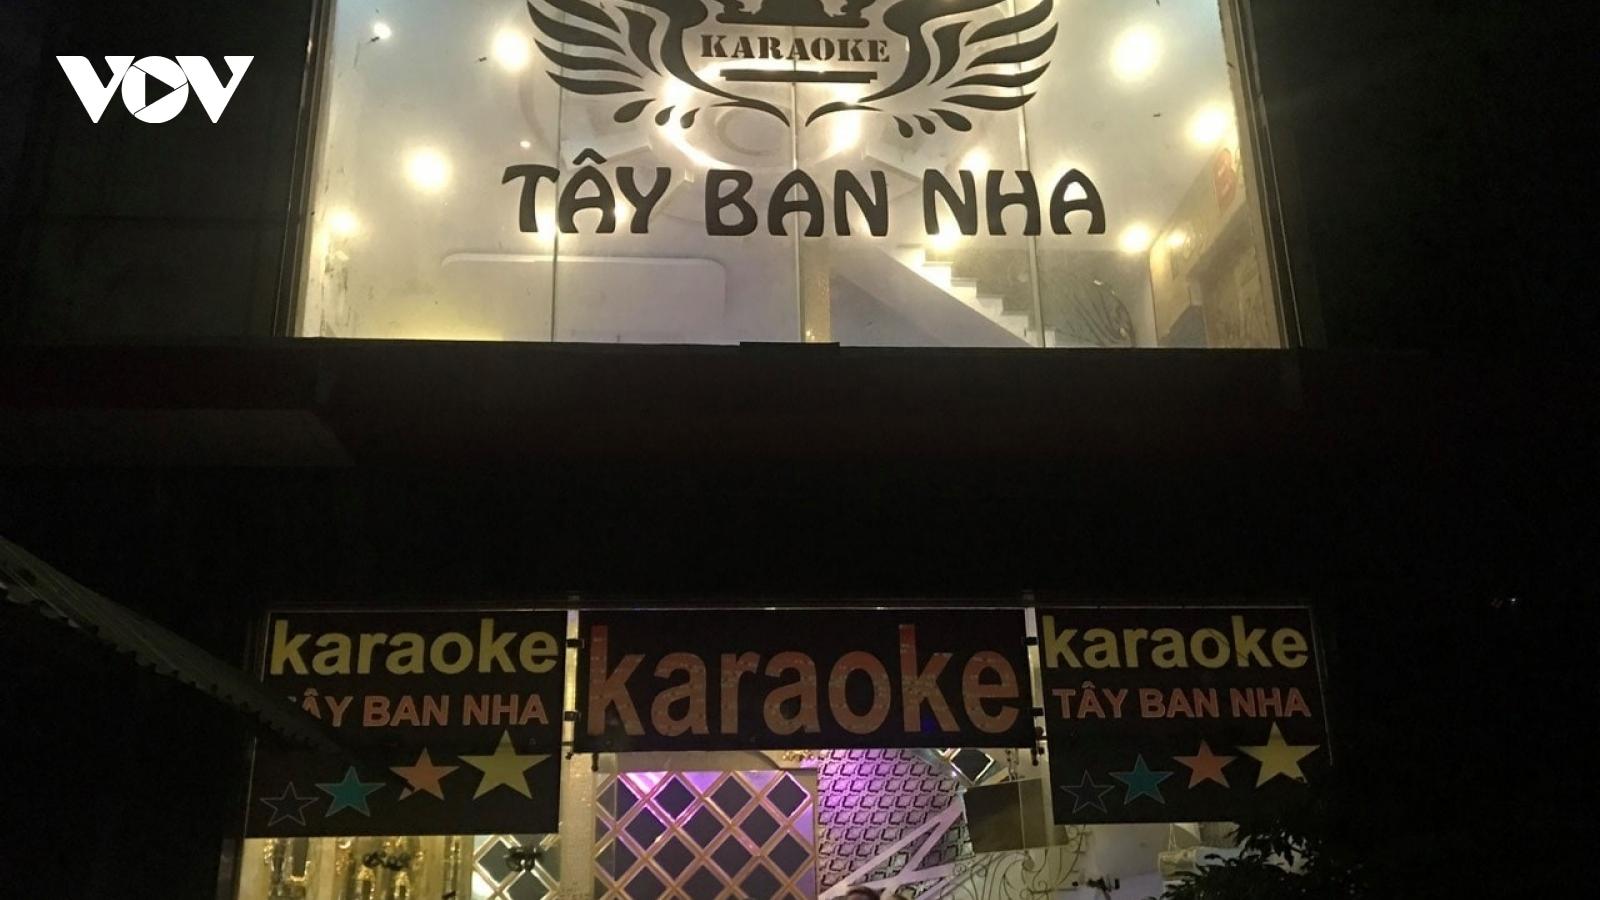 Phát hiện quán karaoke thứ 3 tại Tiền Giang có khách sử dụng ma túy